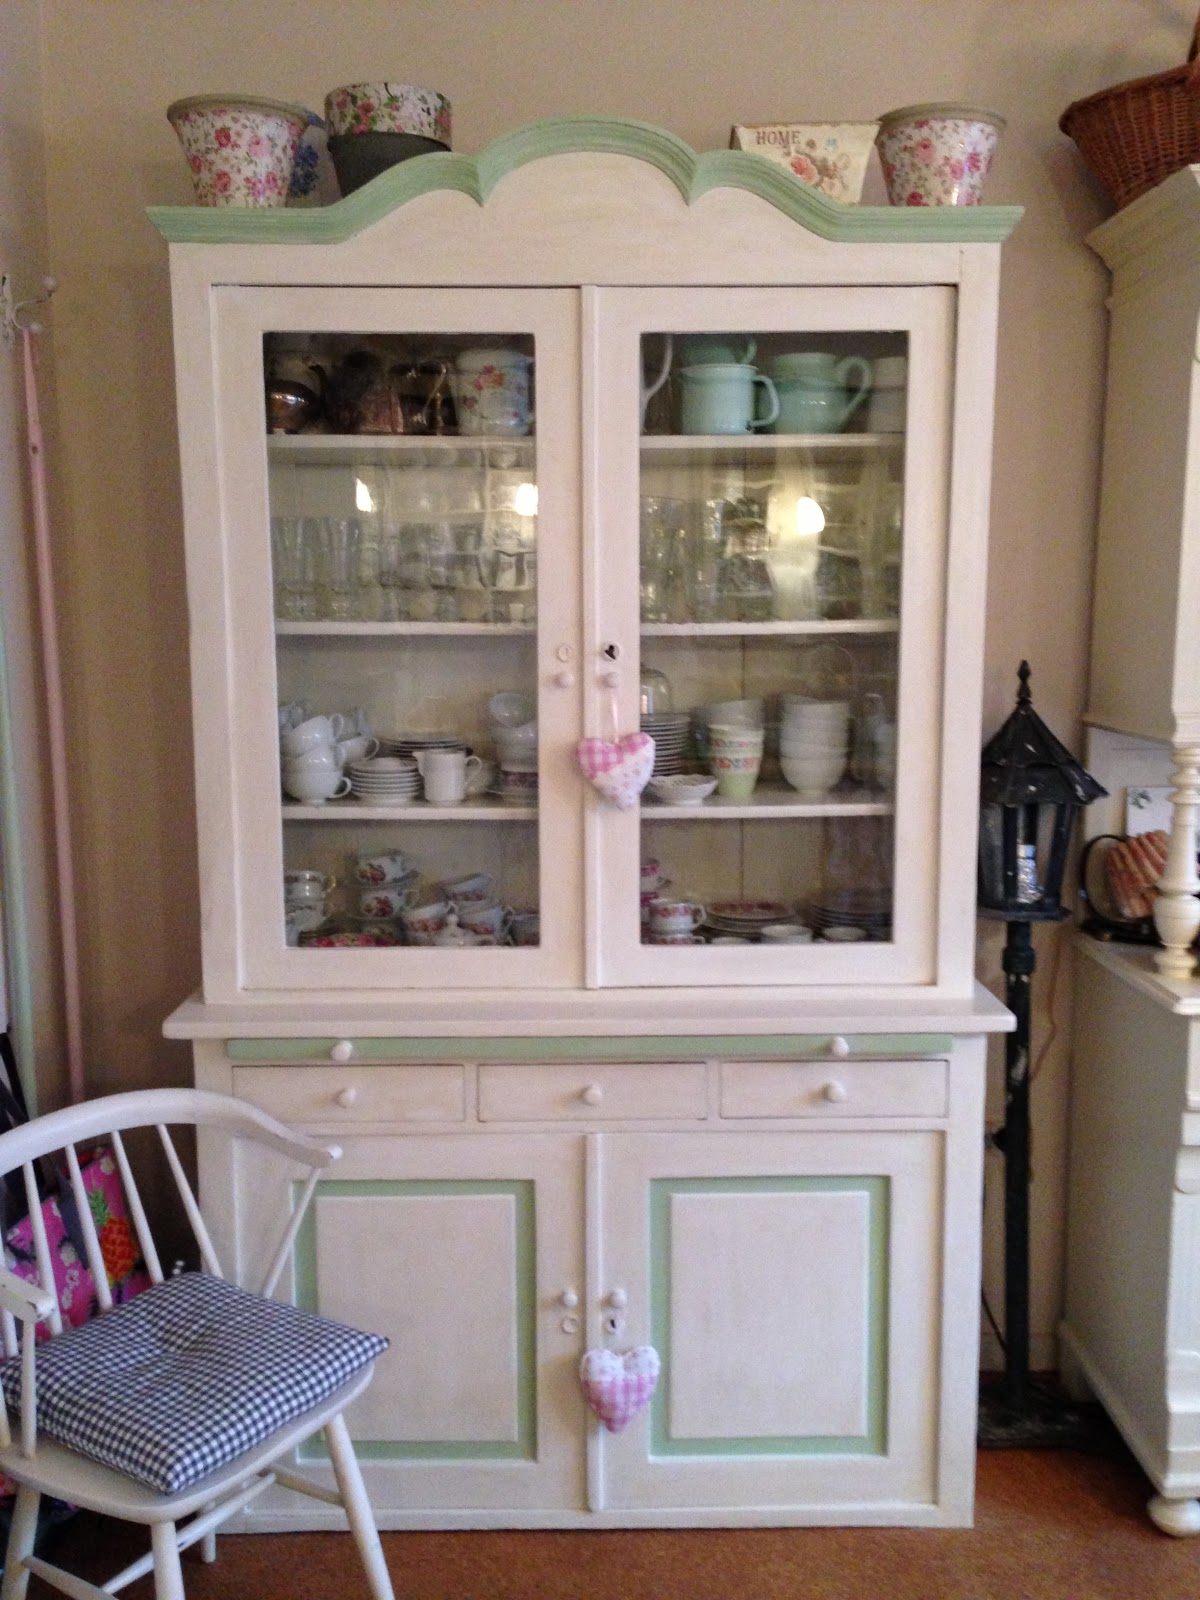 ShabbyTräume: Meine Küche Teil 1